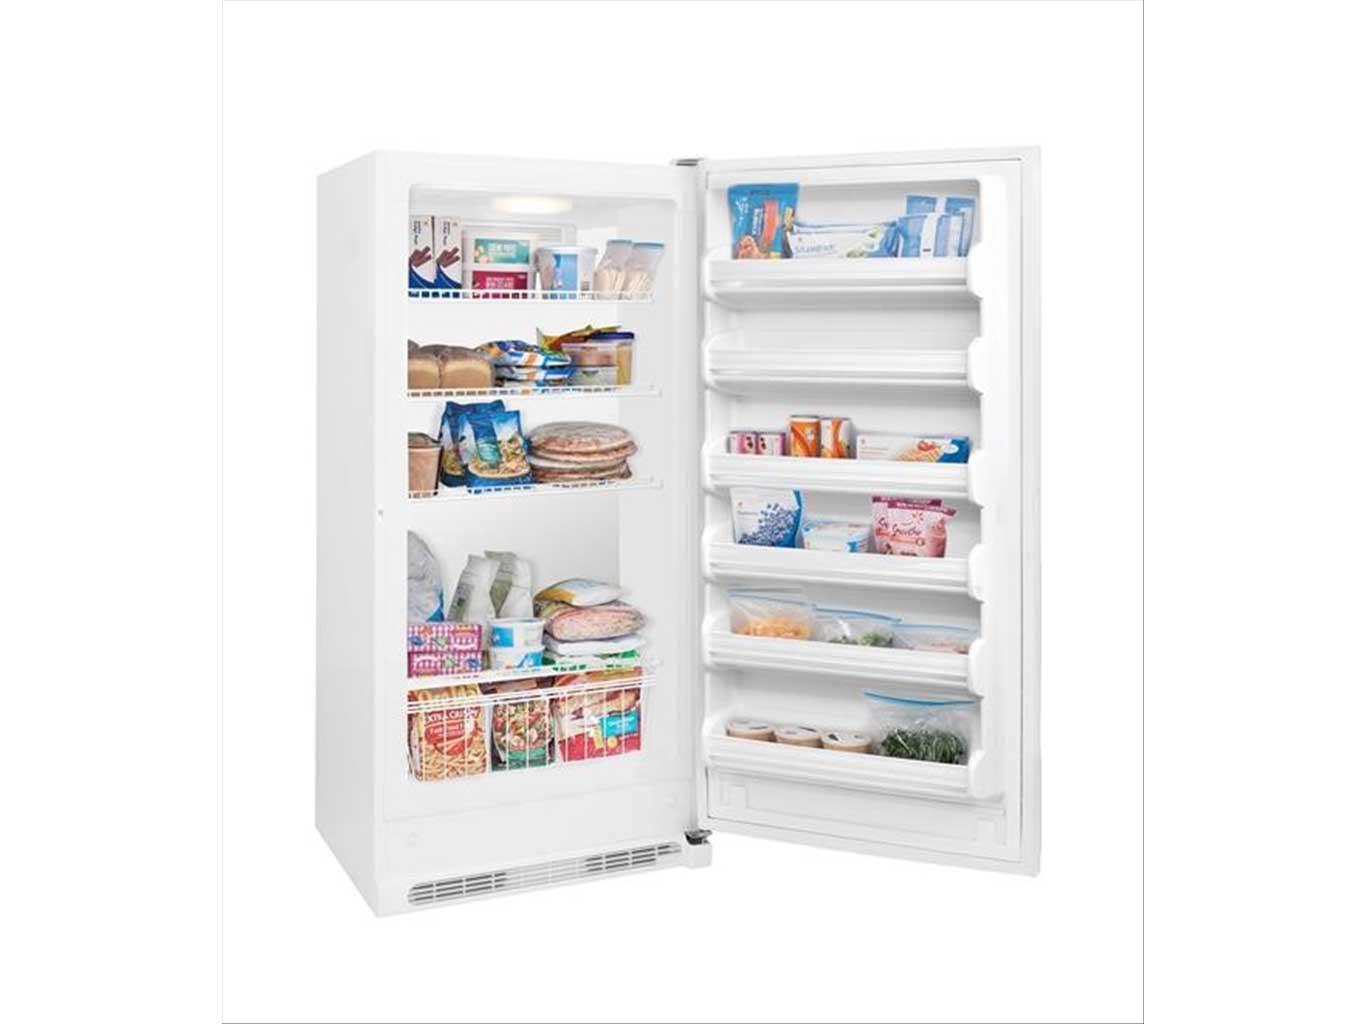 220-240 Volts Freezers Muff21vlqw